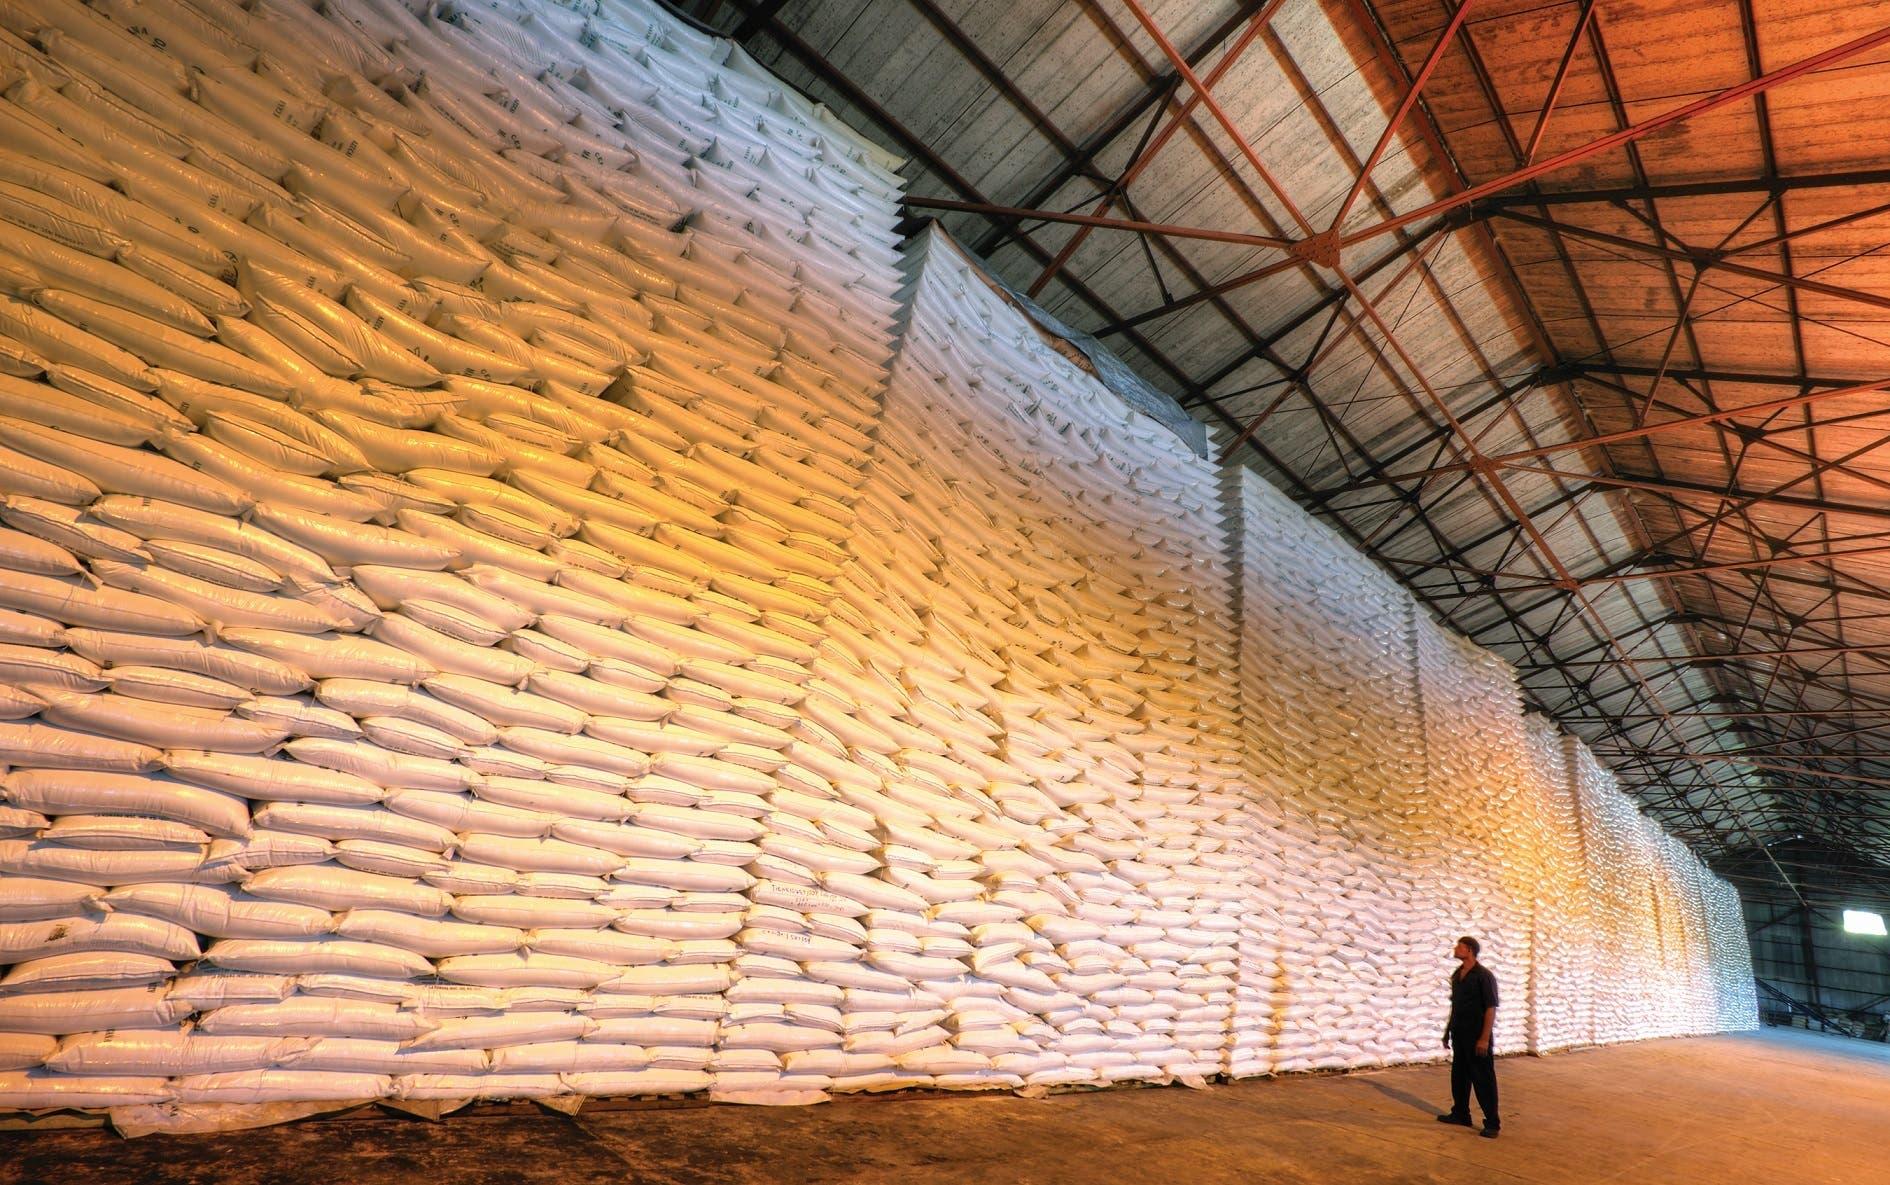 Central Romana finaliza zafra con producción casi 400 mil toneladas de azúcar